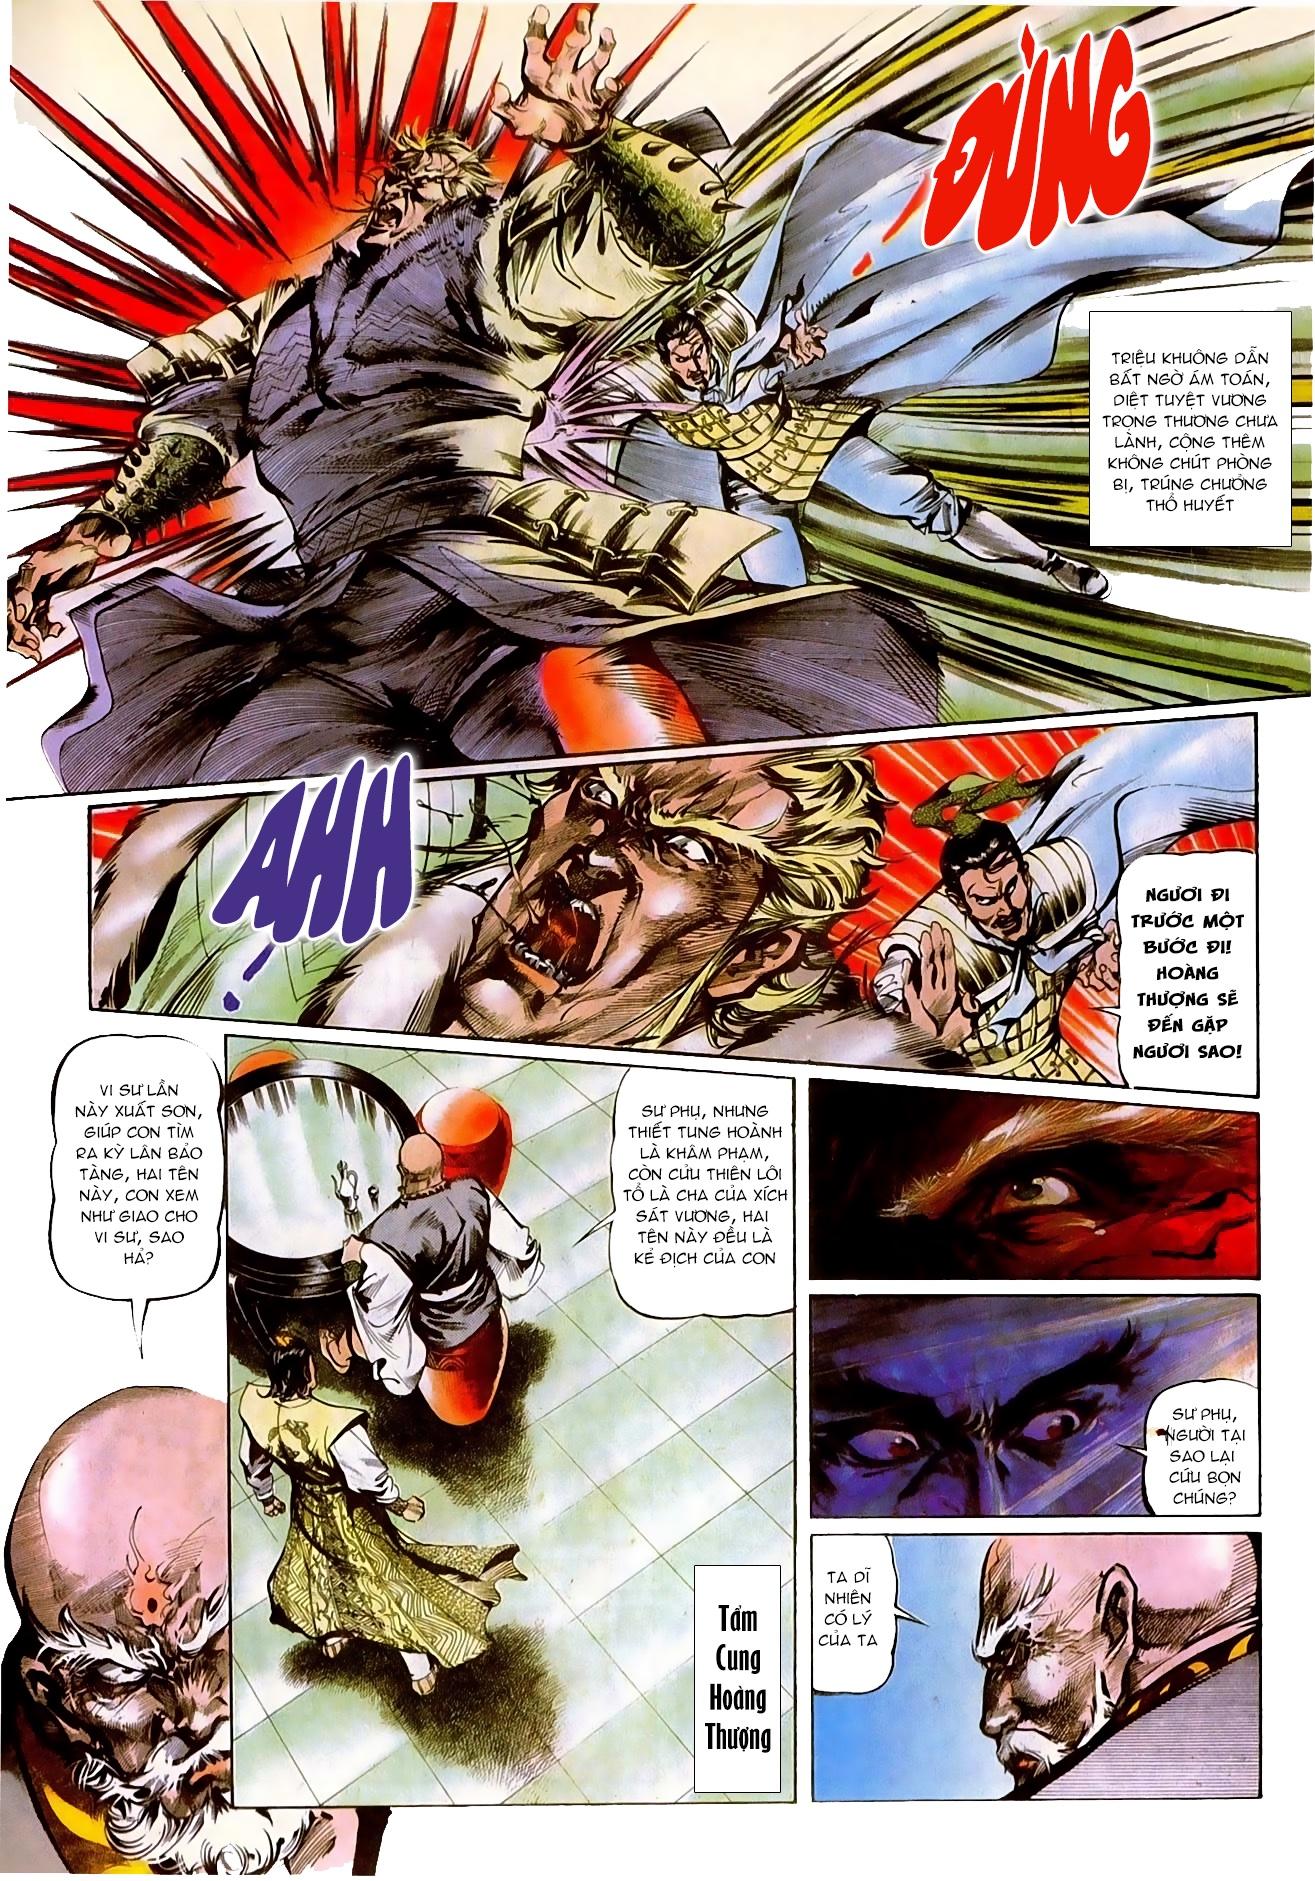 Thiết Tướng Tung Hoành Chap 272 - Trang 5